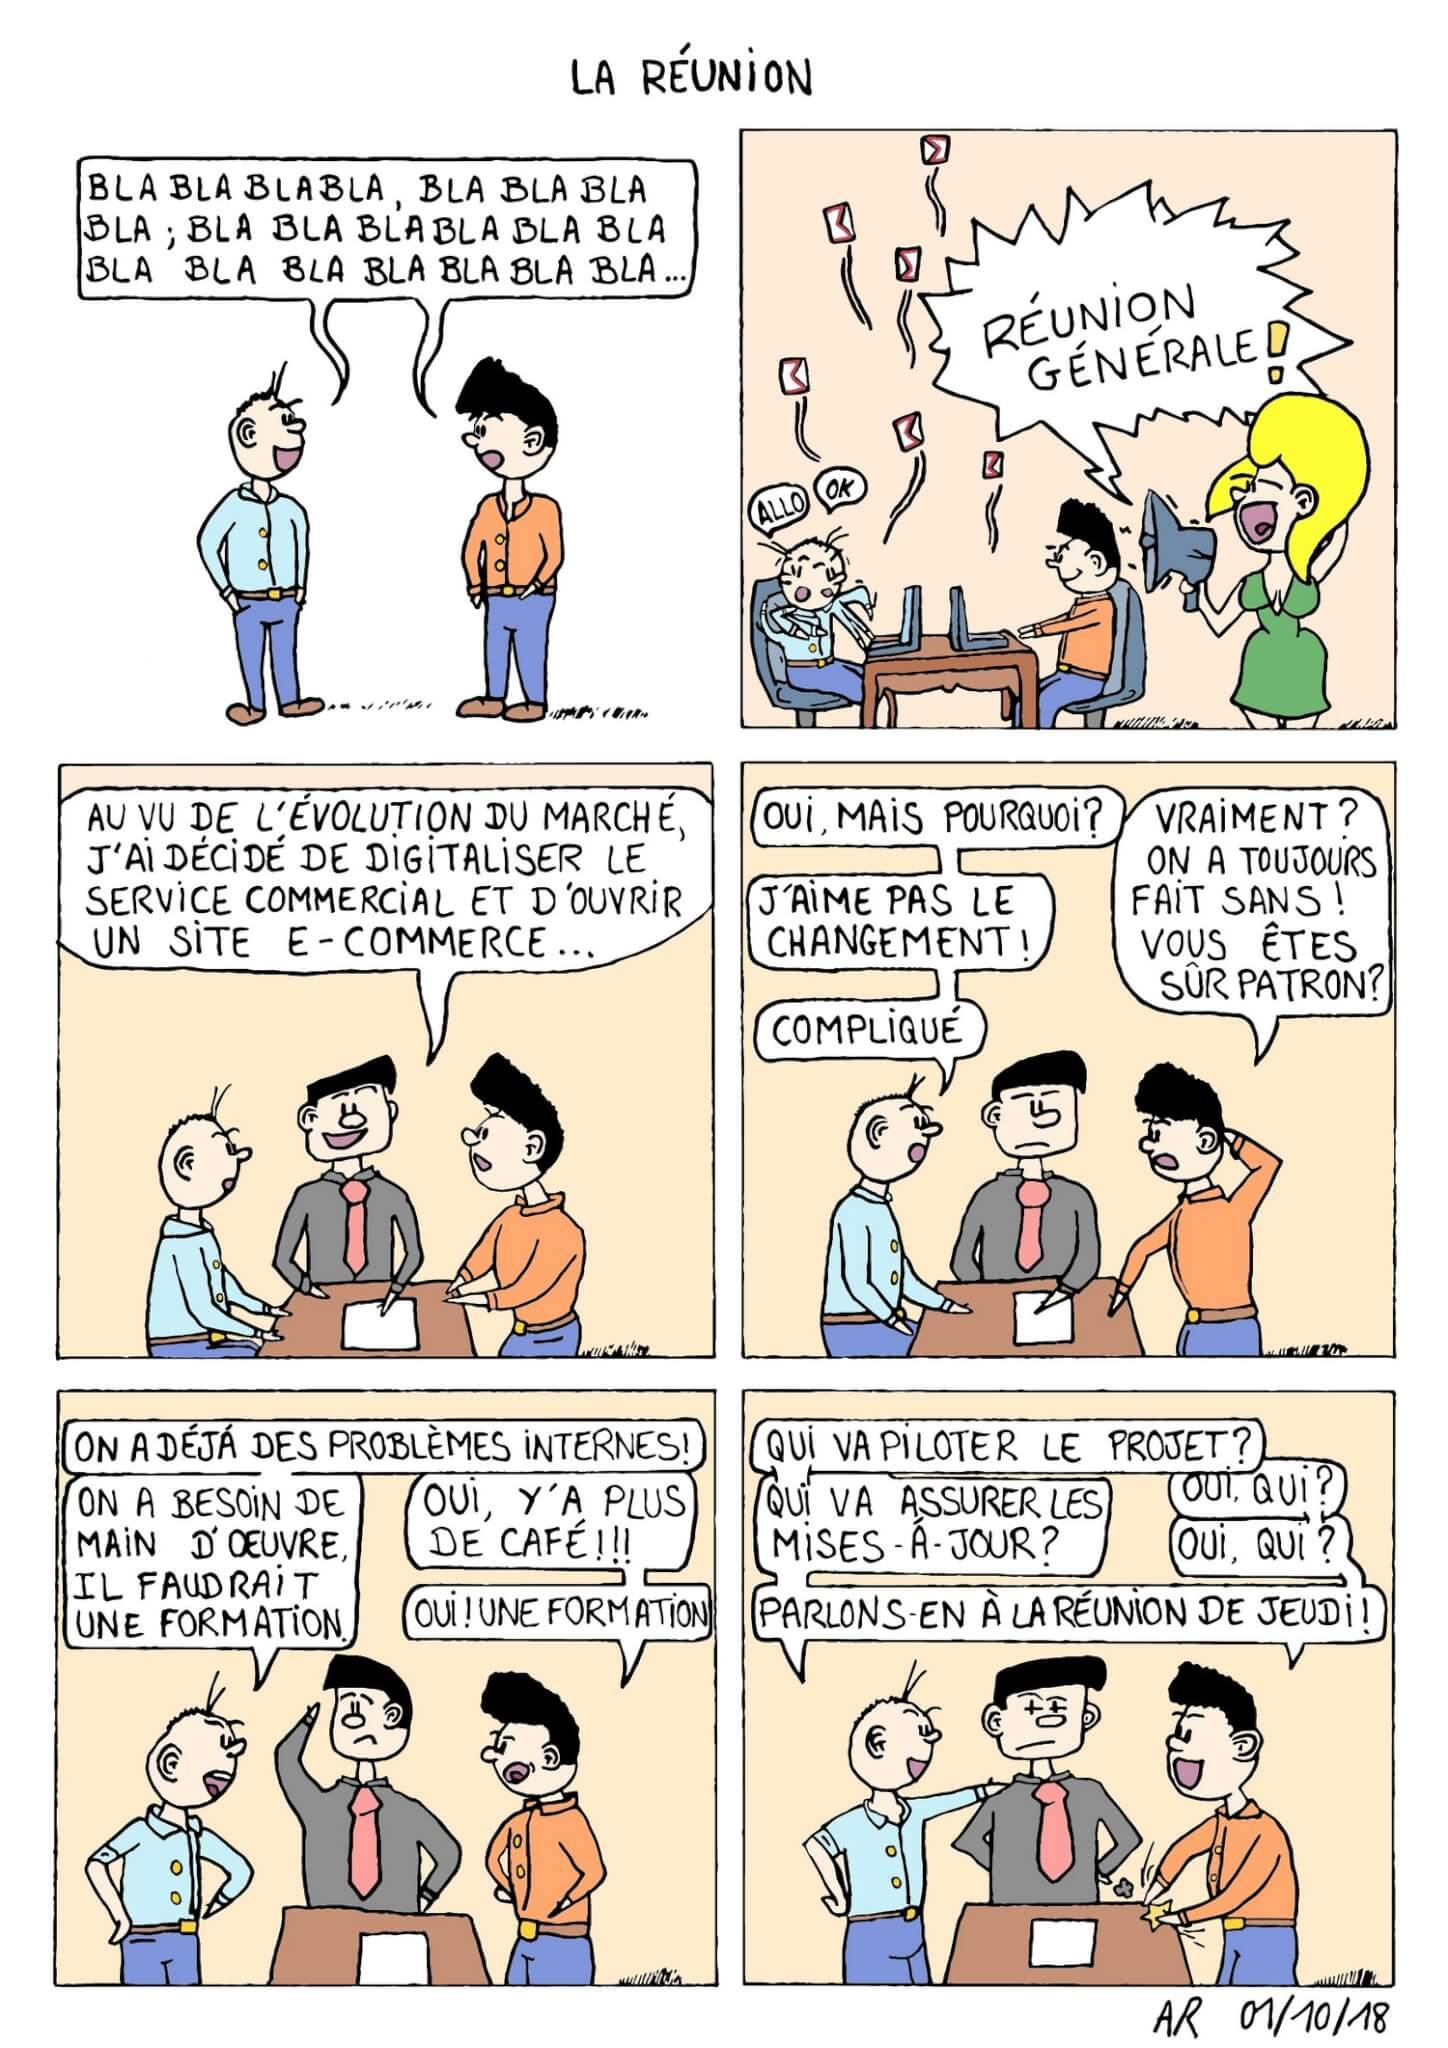 BD humoristique sur les réunions en entreprises. Web toon